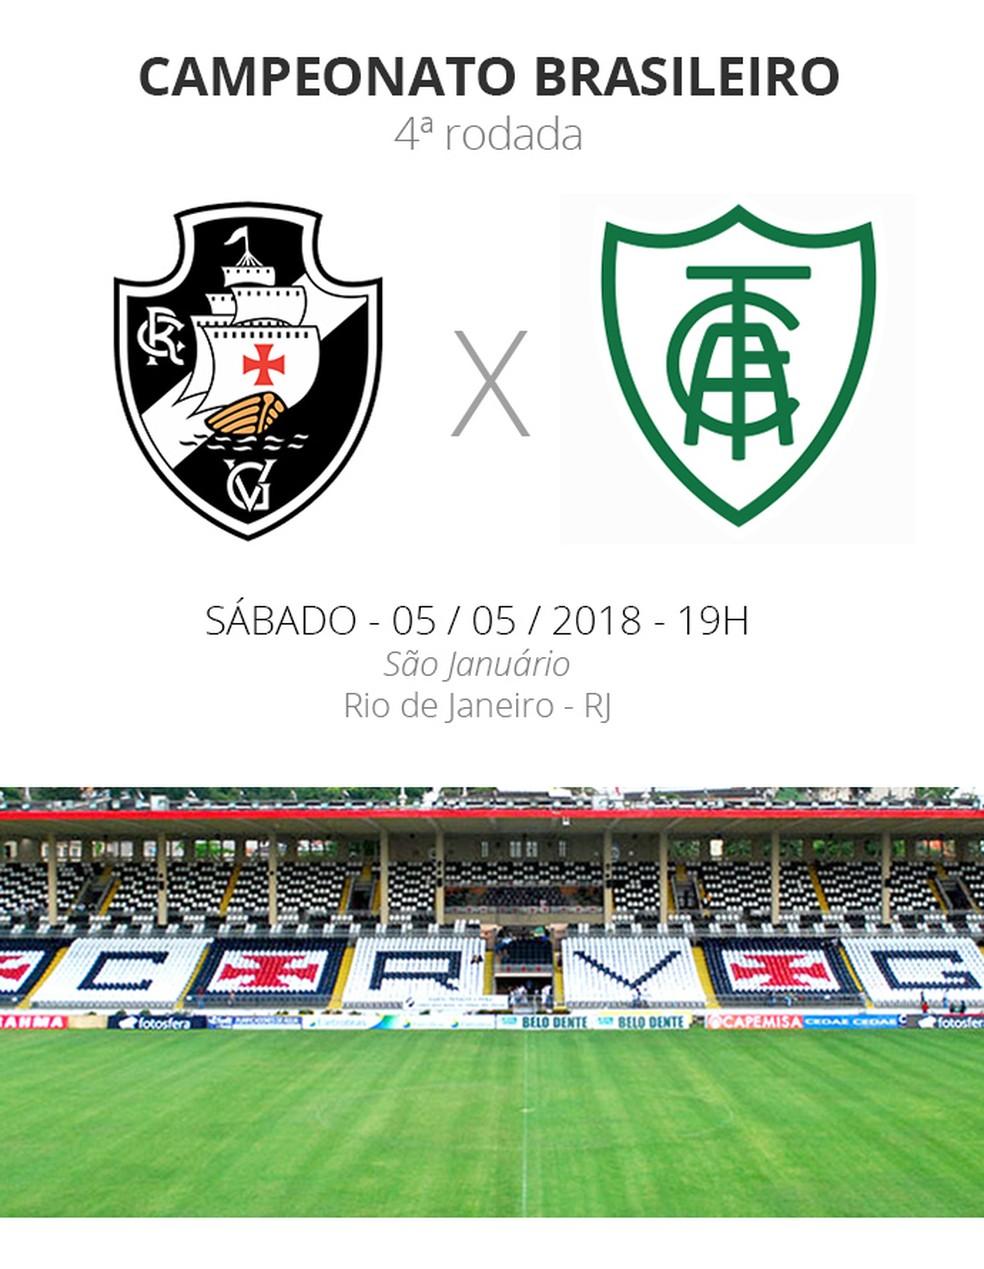 Informações sobre o jogo entre Vasco e América-MG, neste sábado (Foto: infoesporte)